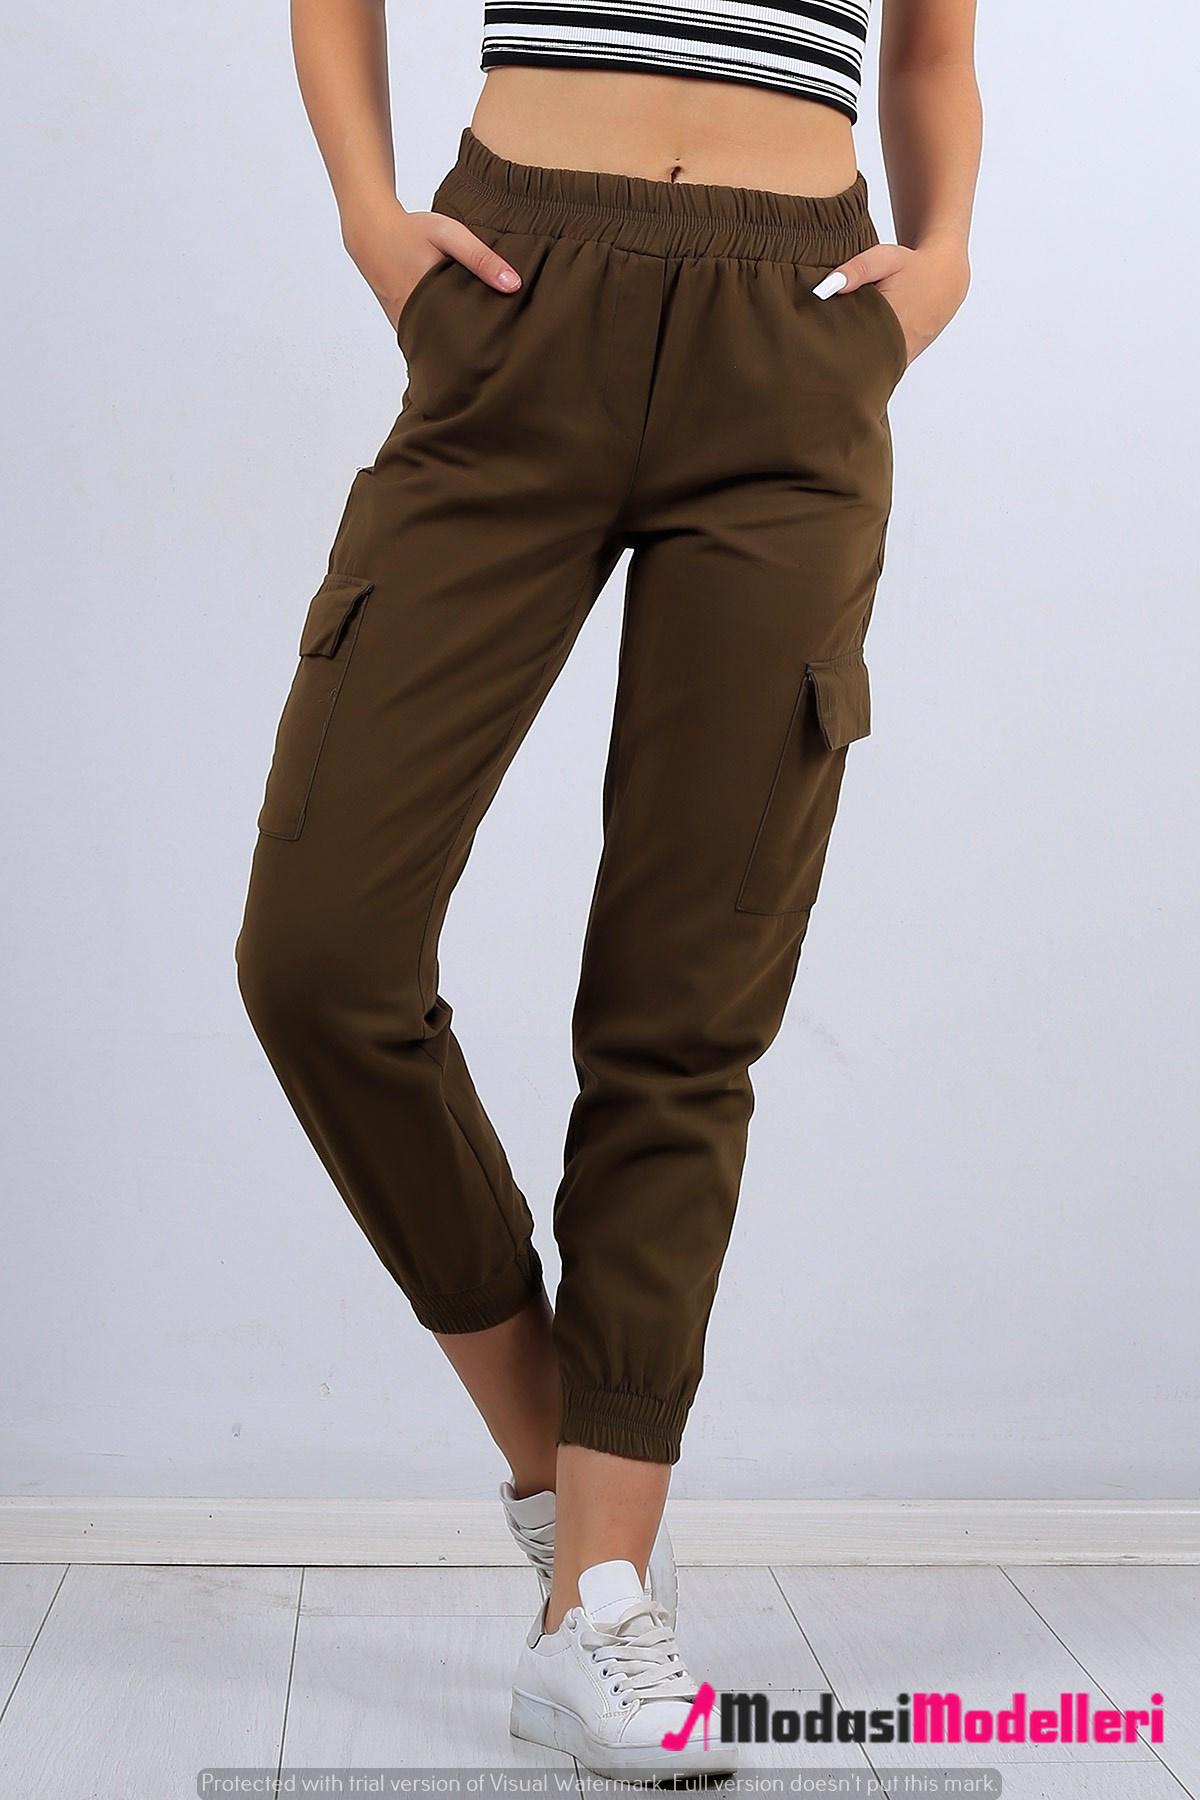 d9c5aef85f5de kargo-pantolon-modelleri-17 - Modası Modelleri